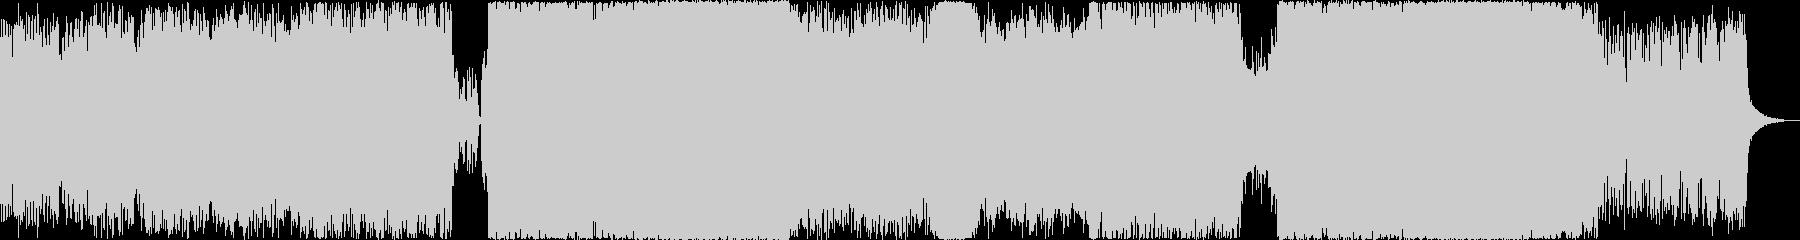 緊迫感有暗く壮大なオーケストラ+8bitの未再生の波形